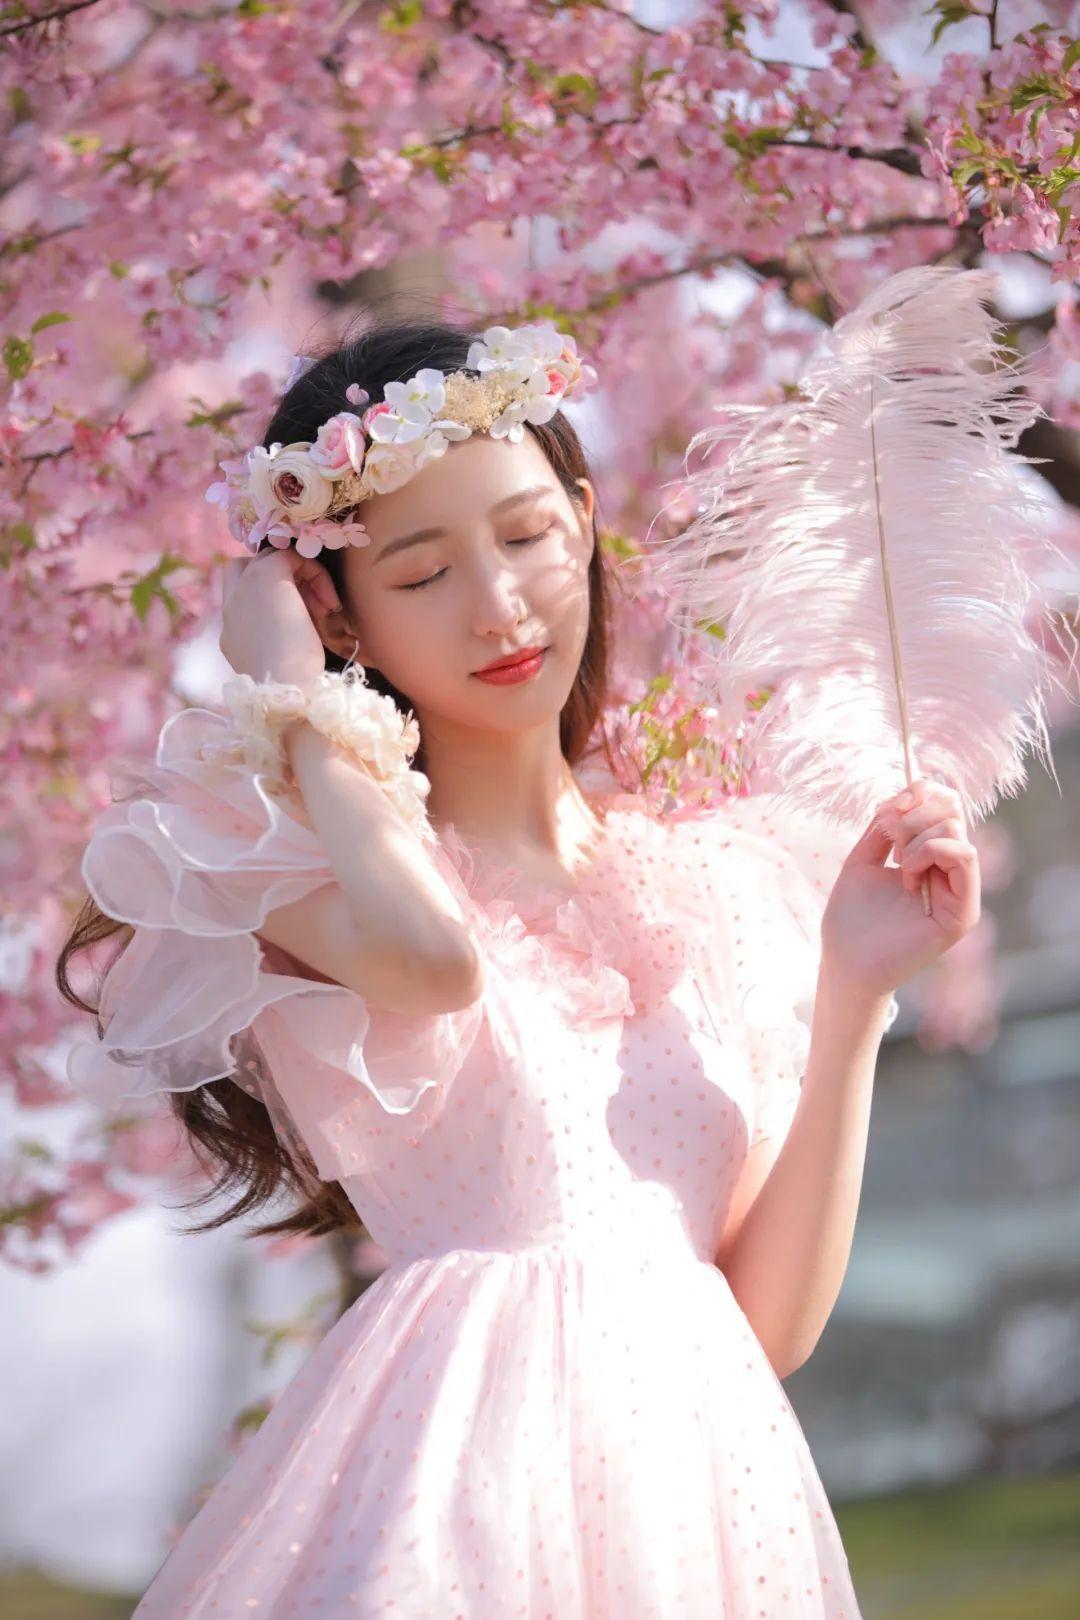 妹子摄影 – 粉粉的日系少女樱花树下写真_图片 No.33